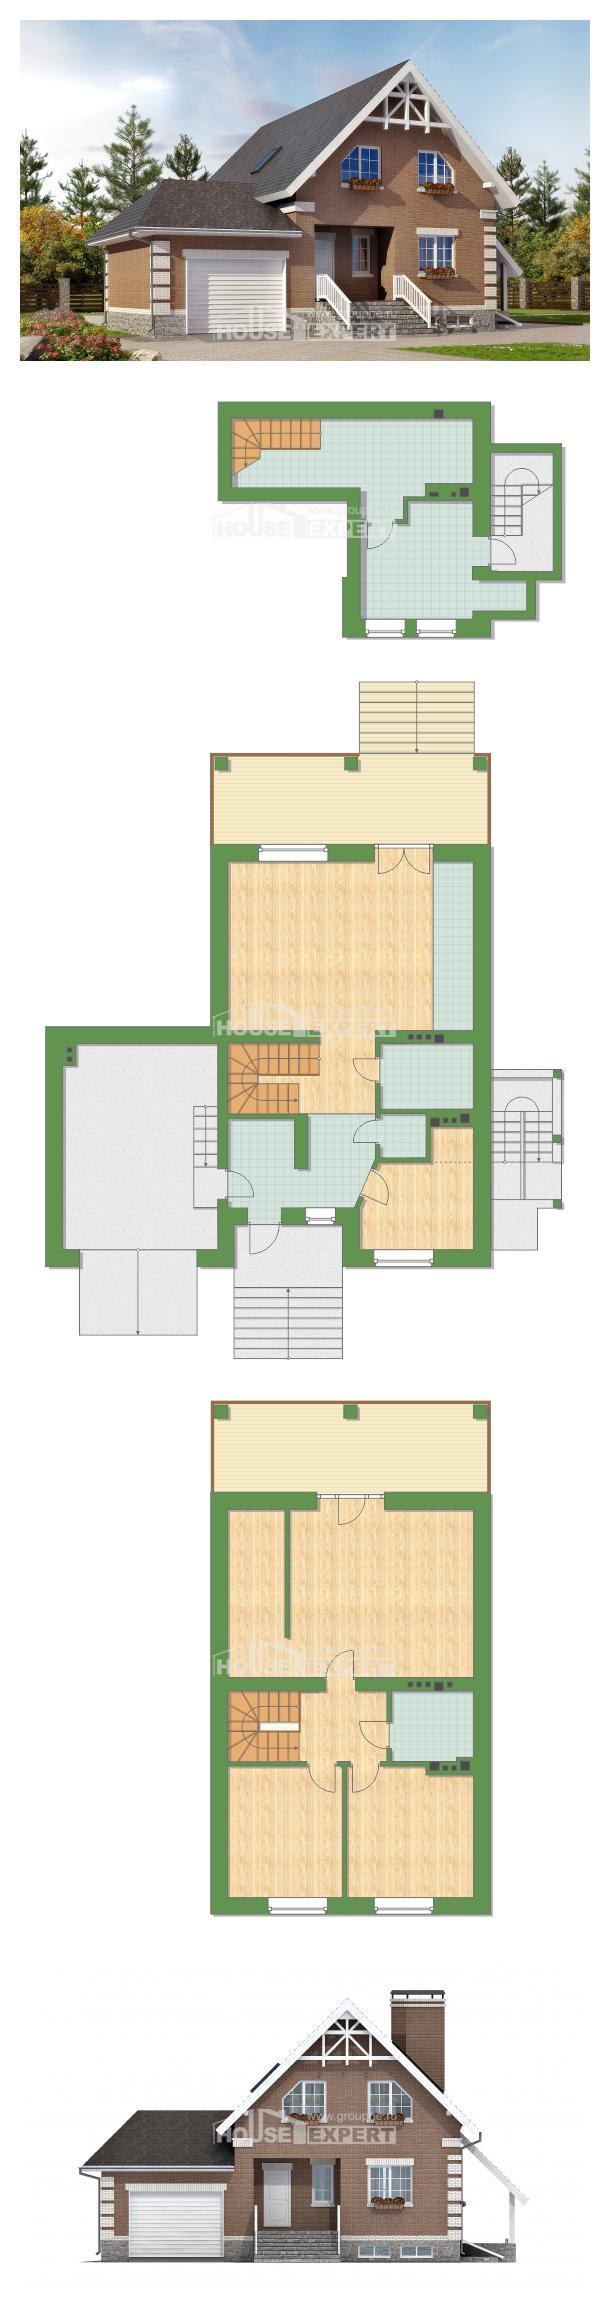 Plan 200-009-L | House Expert